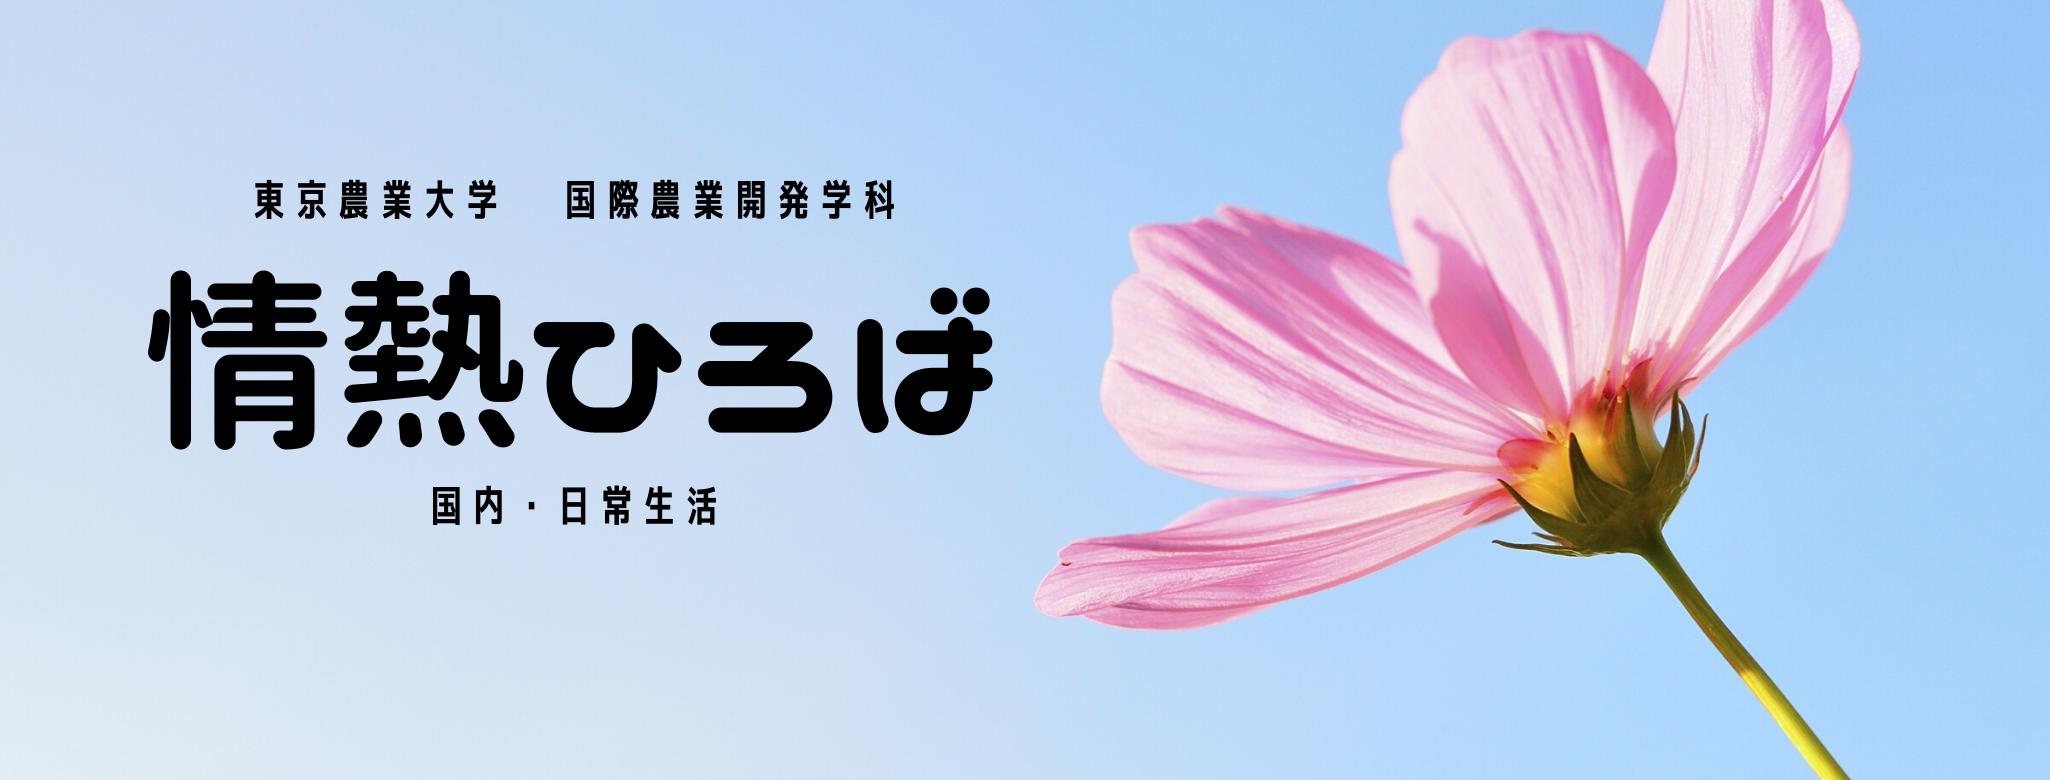 情熱ひろば(国内・日常生活)